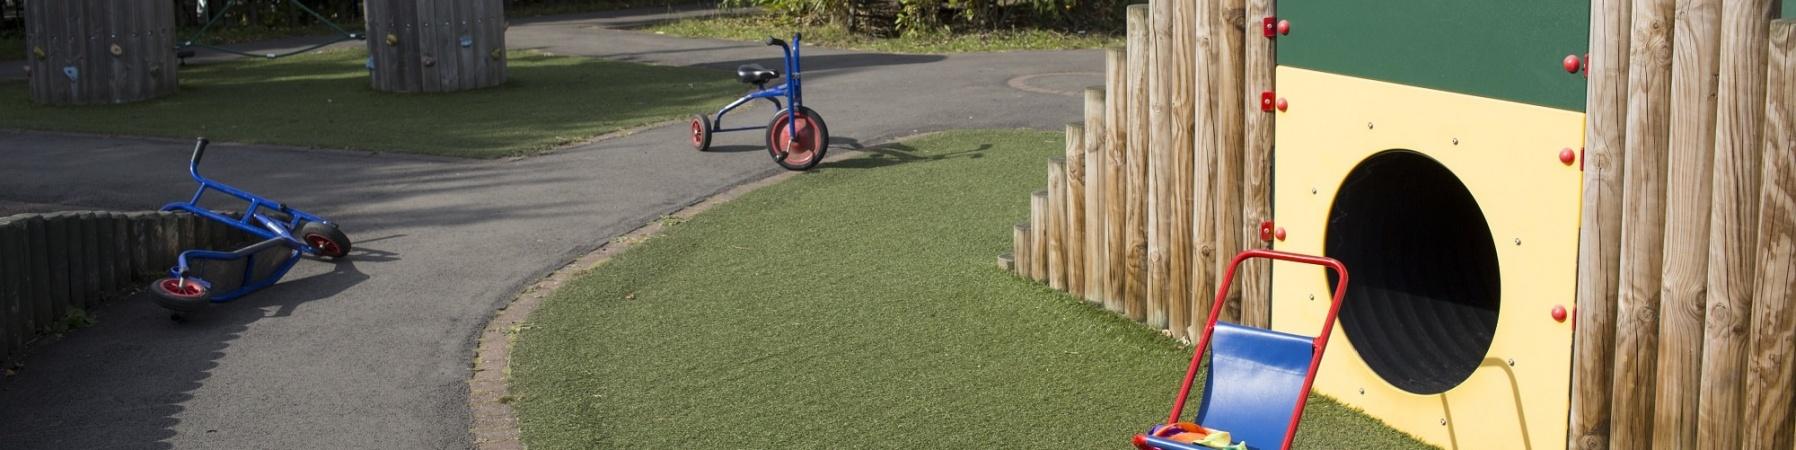 parco giochi per bambini vuoto